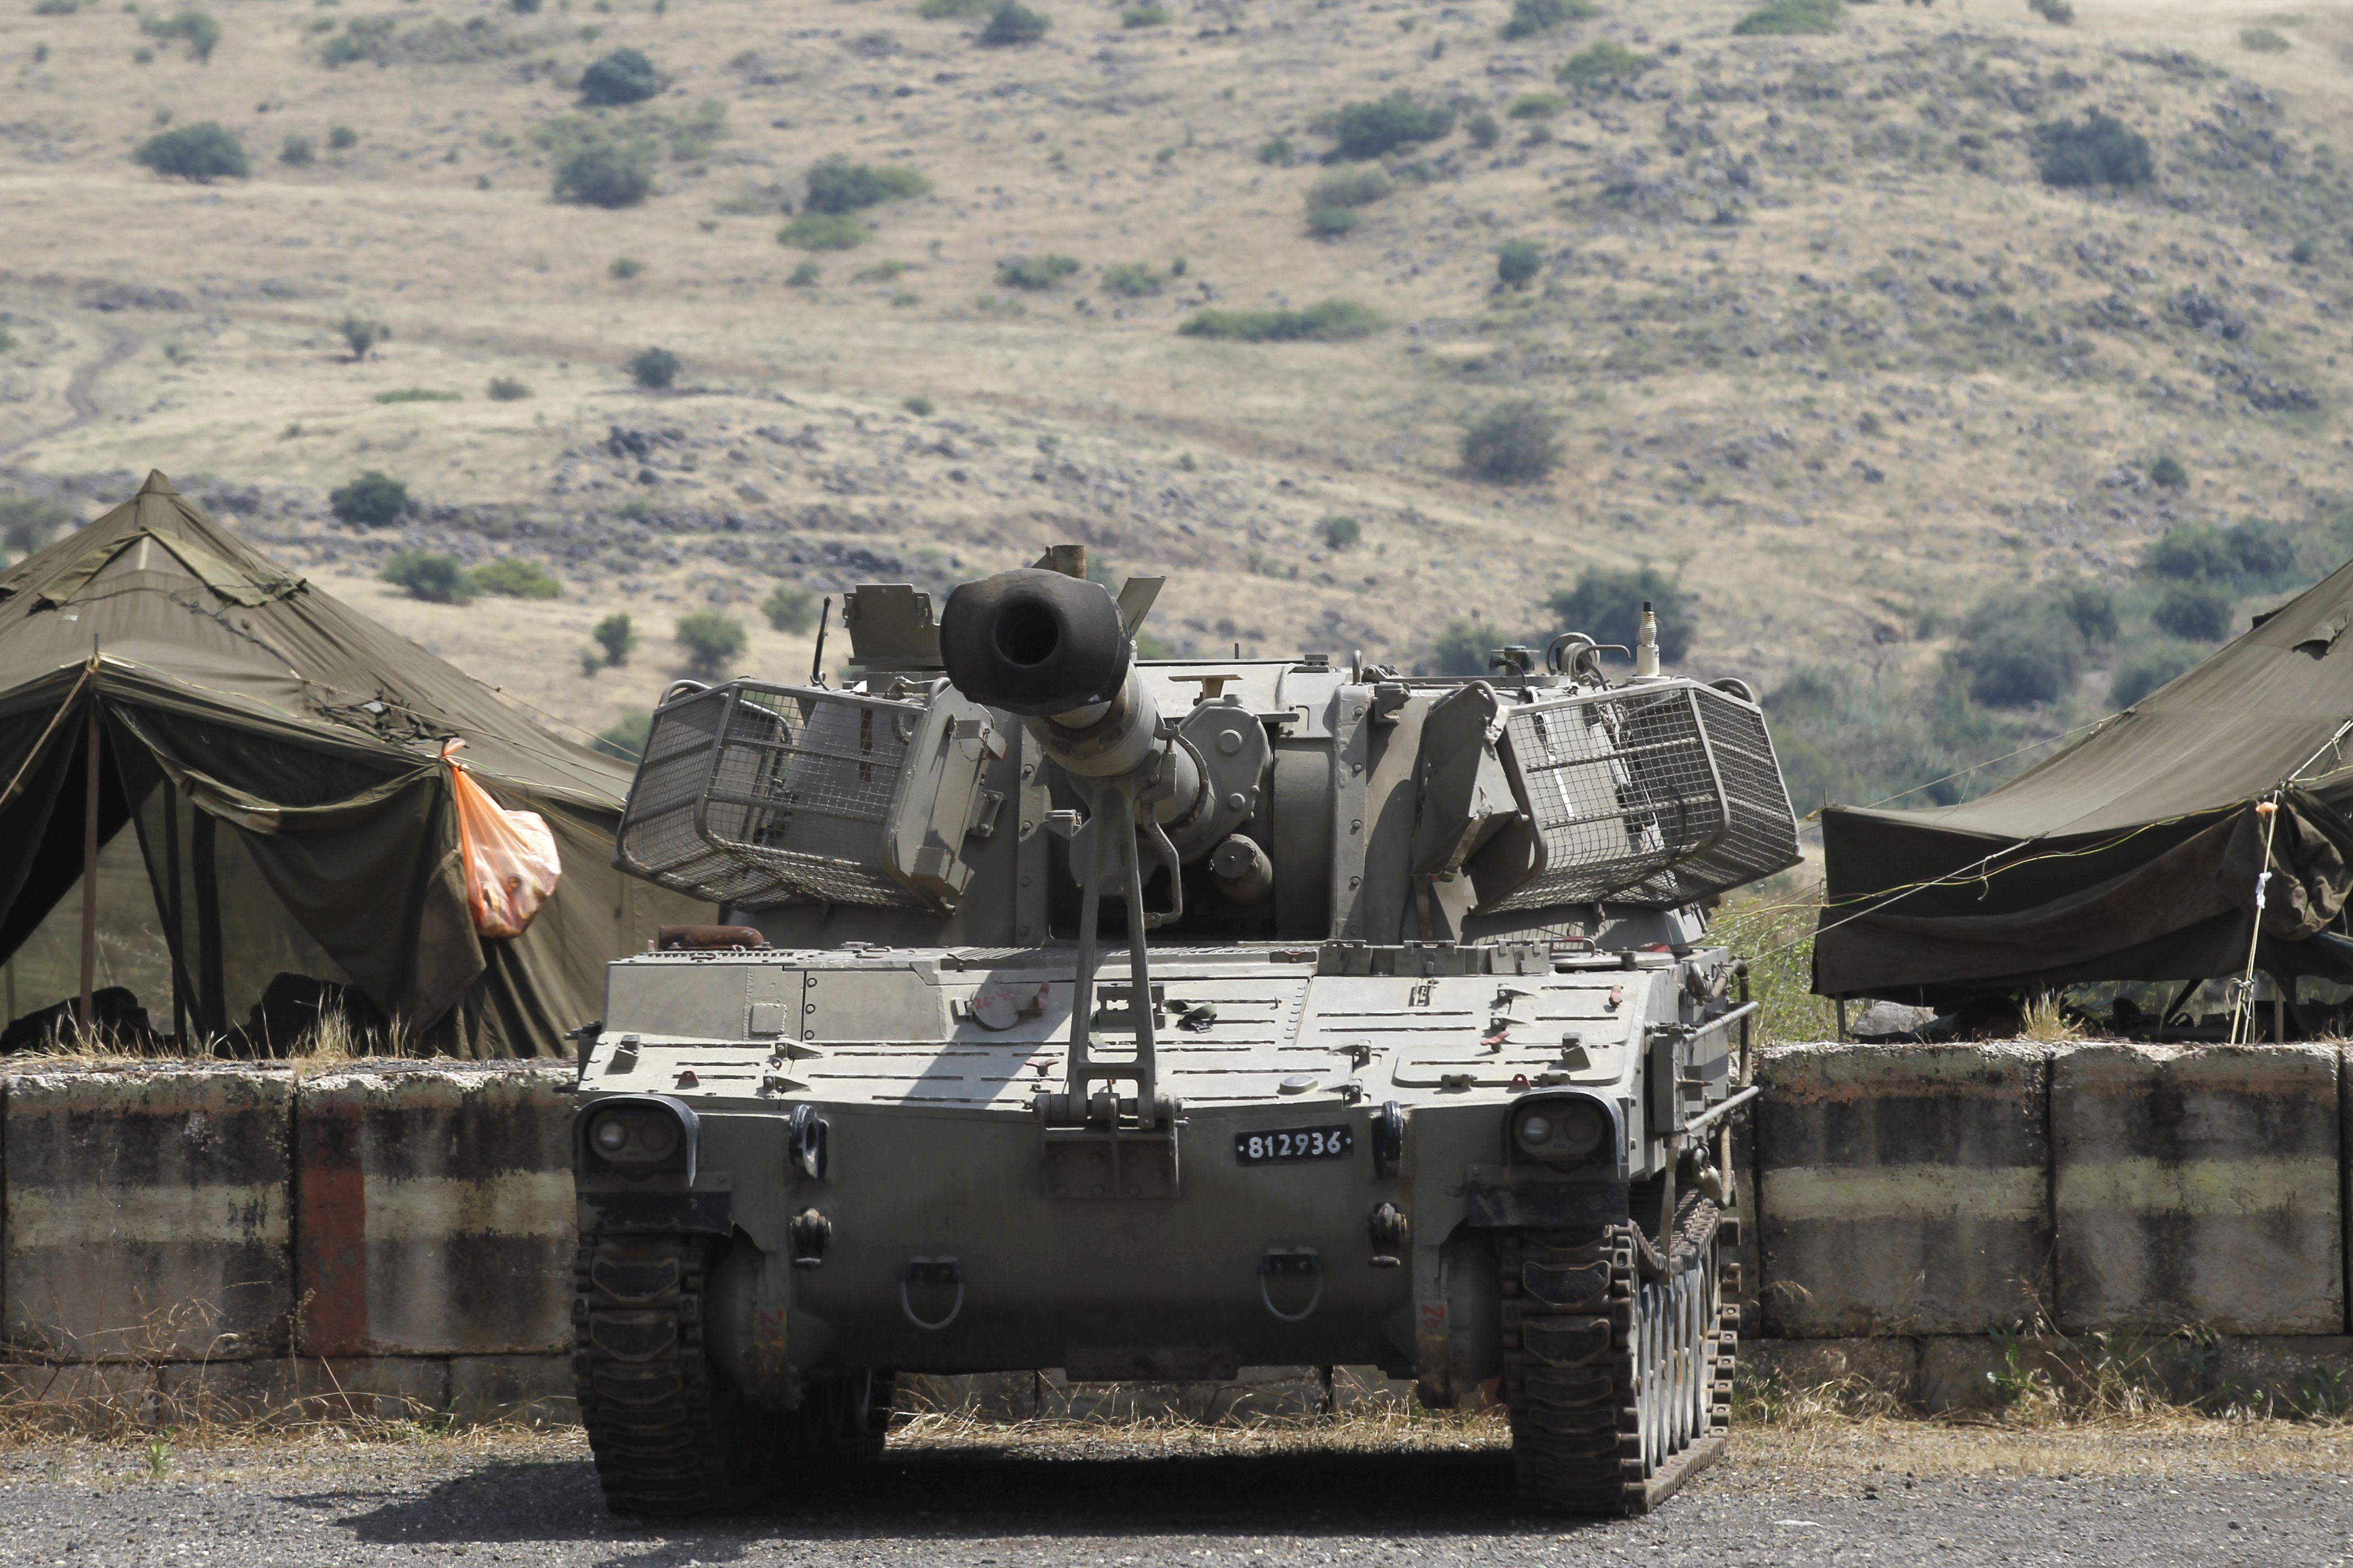 دبابة اسرائيلية فى الجولان